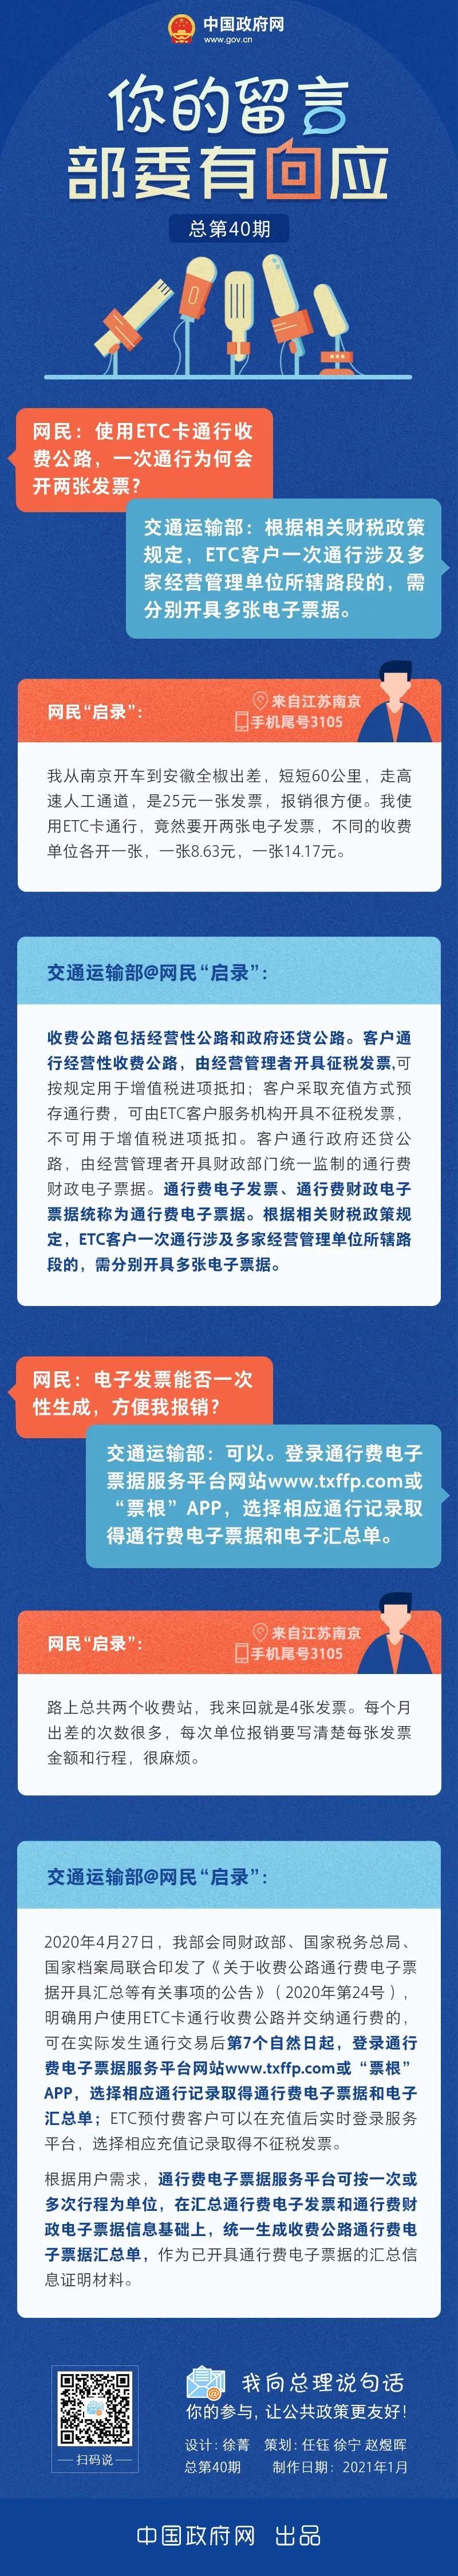 【图解】ETC发票报销麻烦?万博官方网站链接部回应了